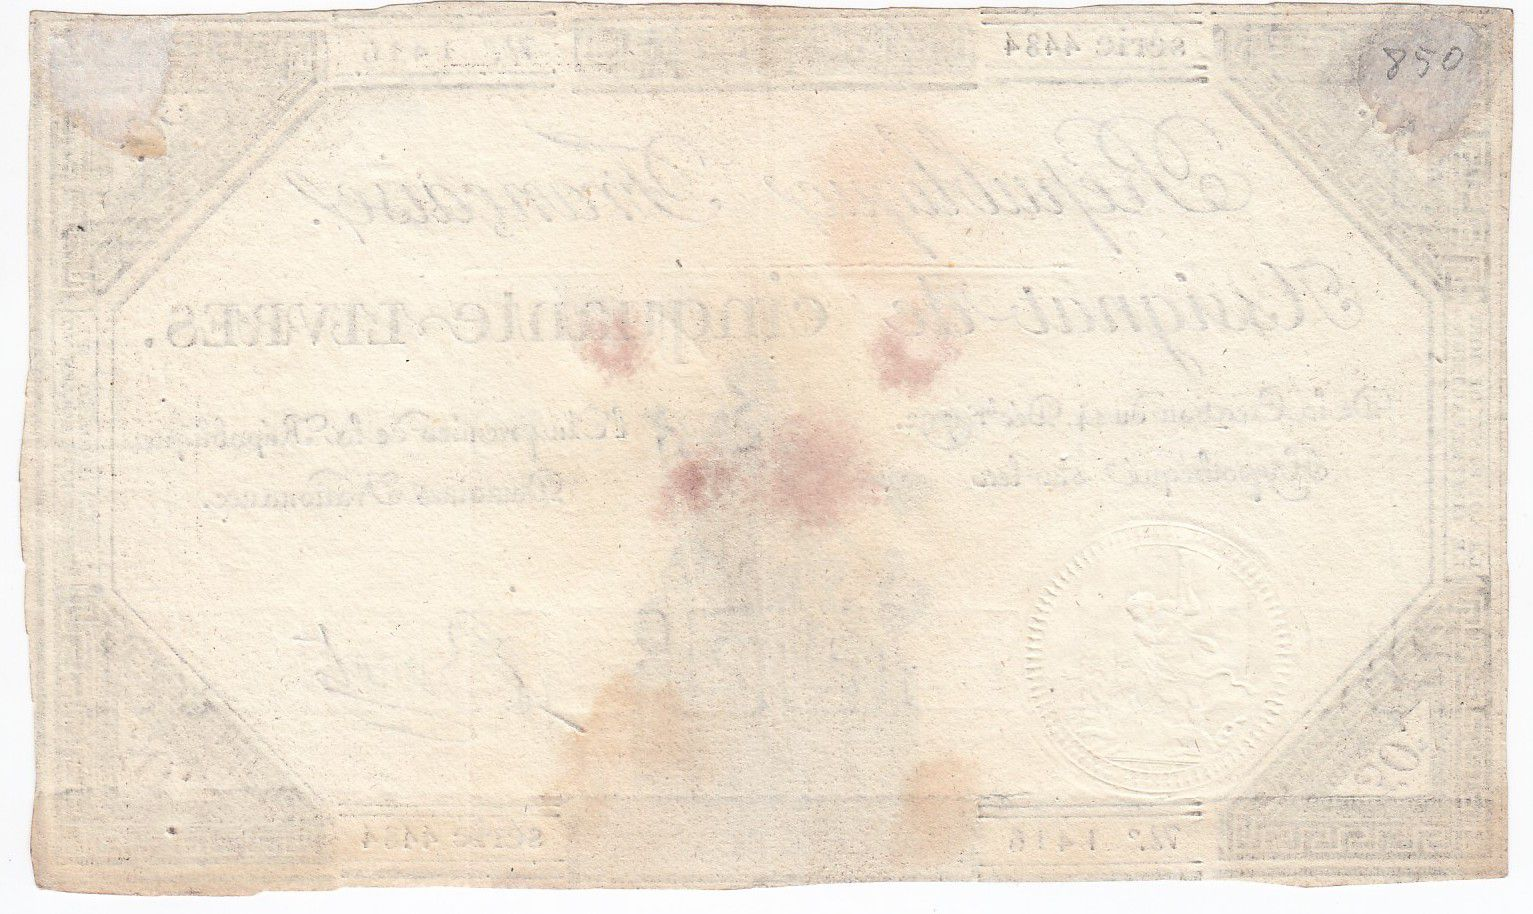 France 50 Livres France seated - 14-12-1792 - Sign. Baret - VF+